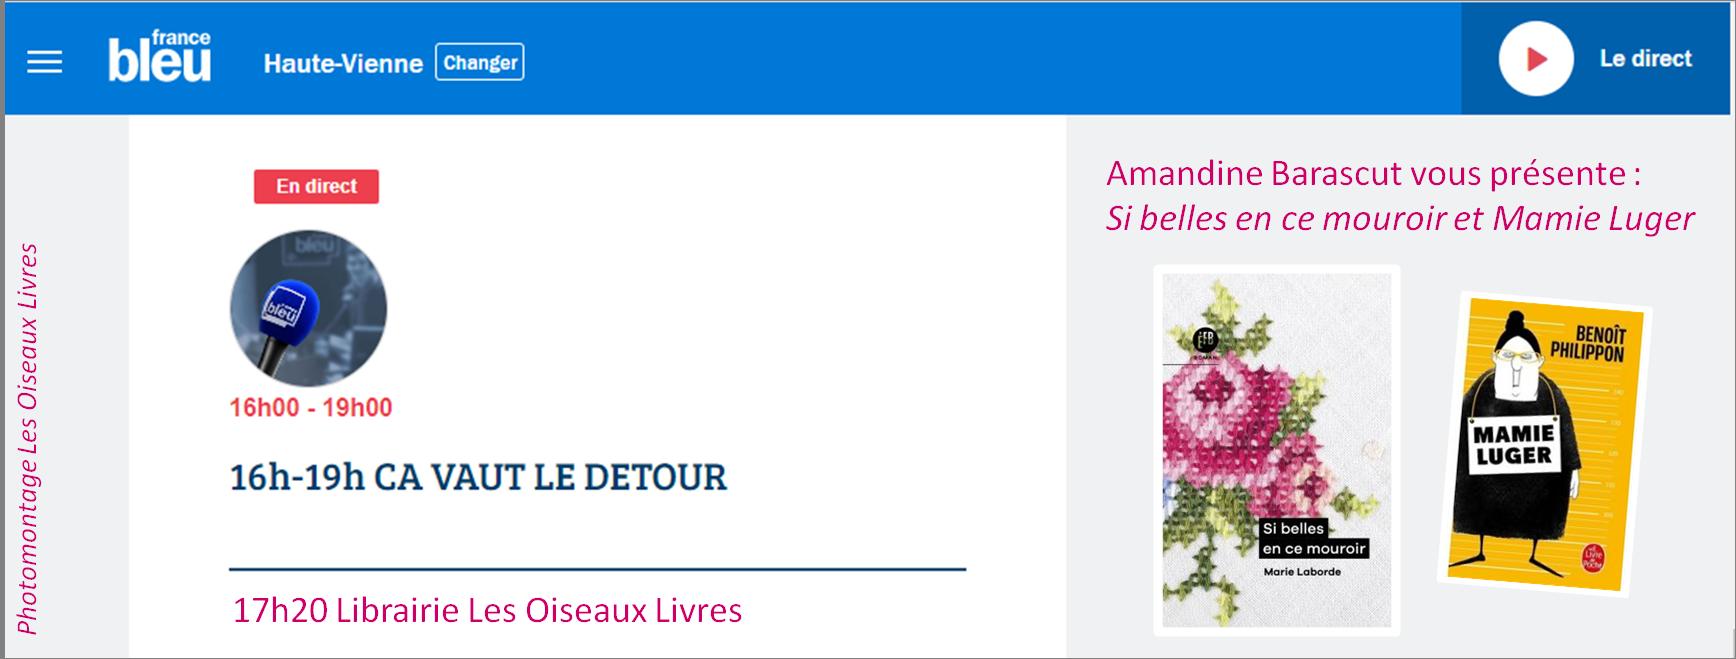 Les conseils de lecture des Oiseaux Livres sur France Bleu Limousin